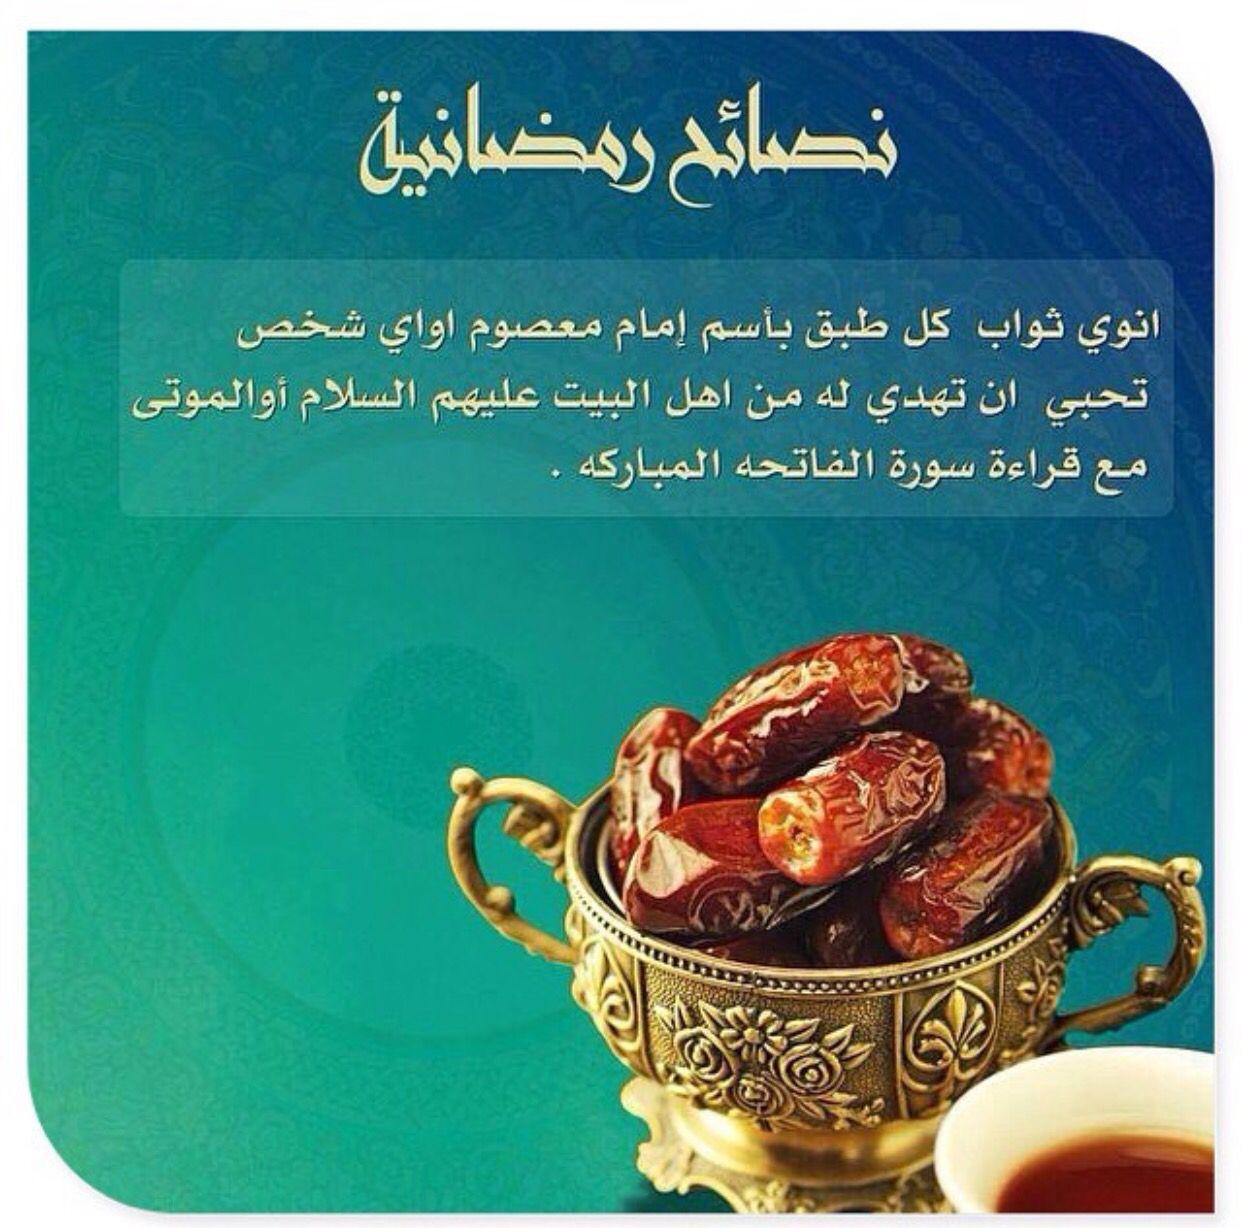 بالصور نصائح رمضانية , اهم النصائح في رمضان 2826 7